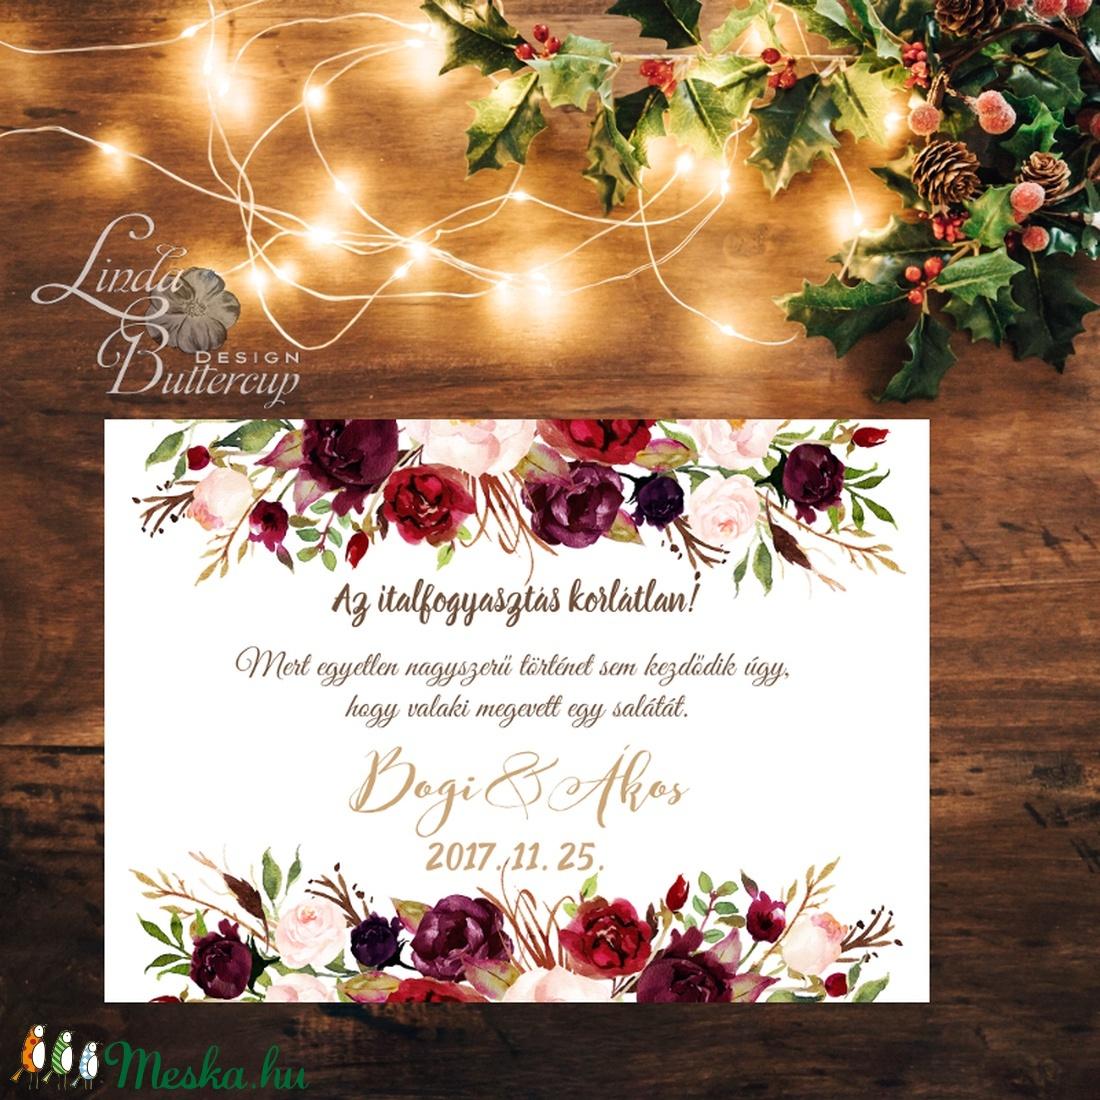 Esküvői Poszter A2, Esküvői kép, Esküvő Dekor, Esküvői felirat, Vintage, Elegáns, Virágos, Őszi, Téli, Karácsony, vicces (LindaButtercup) - Meska.hu